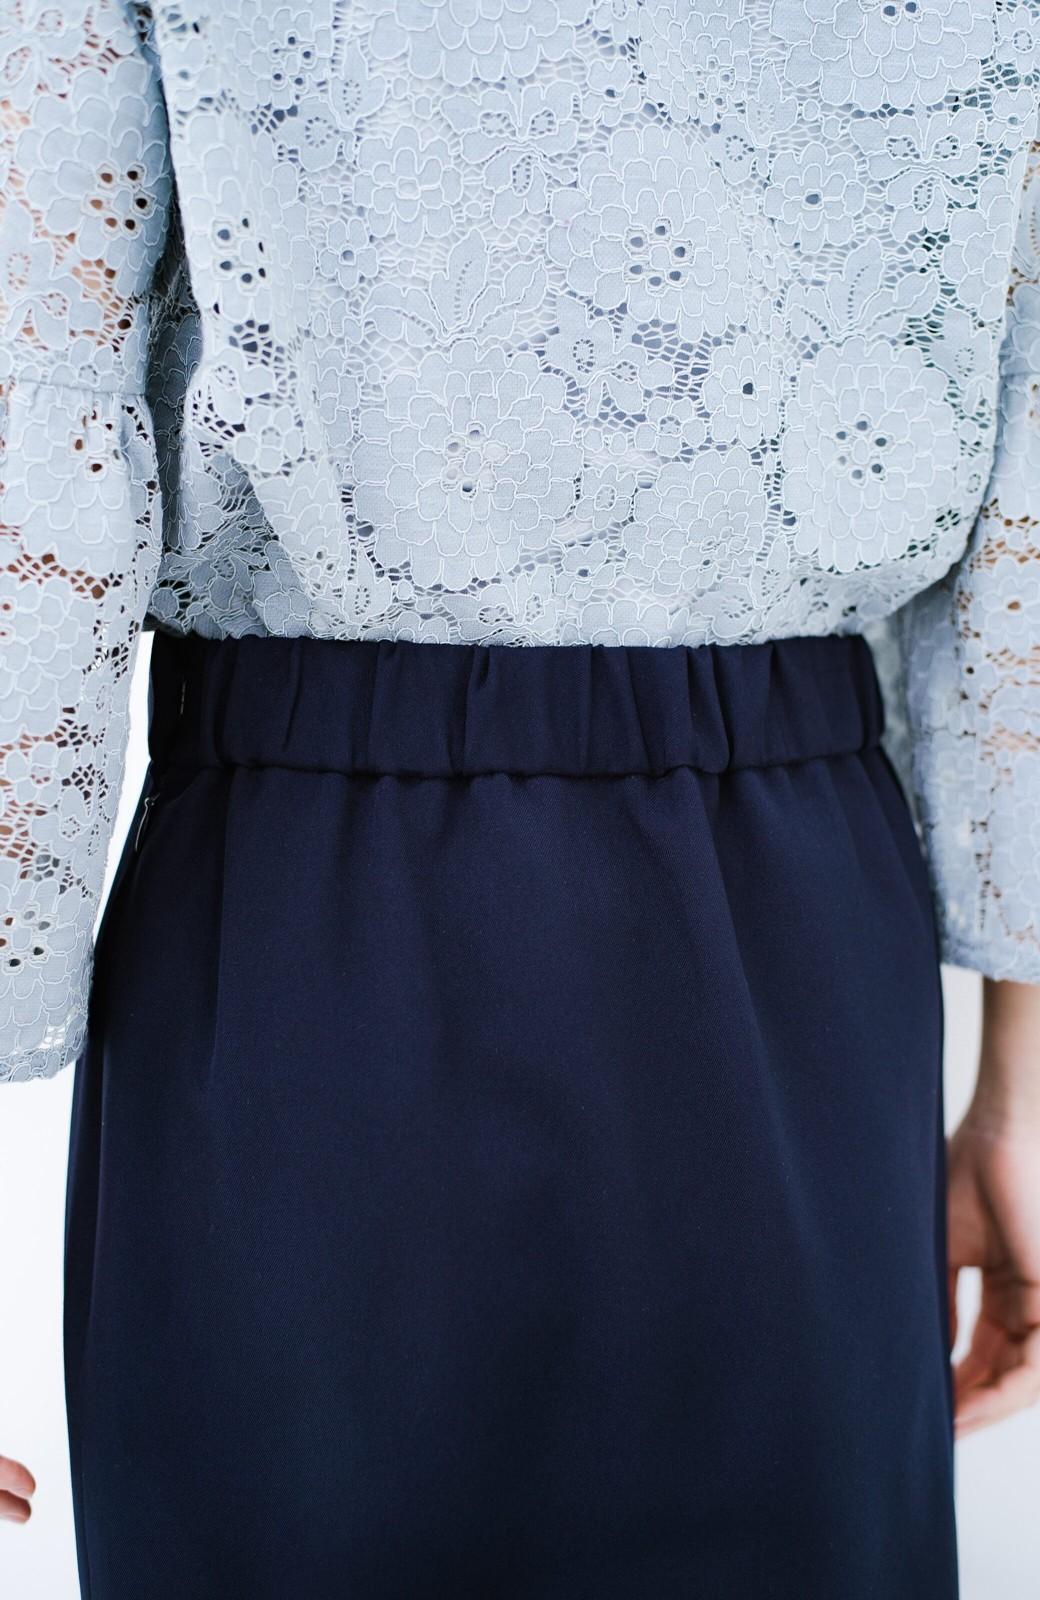 haco! 持っていると便利な 野暮ったくならないきれいめタイトスカート <ダークネイビー>の商品写真8